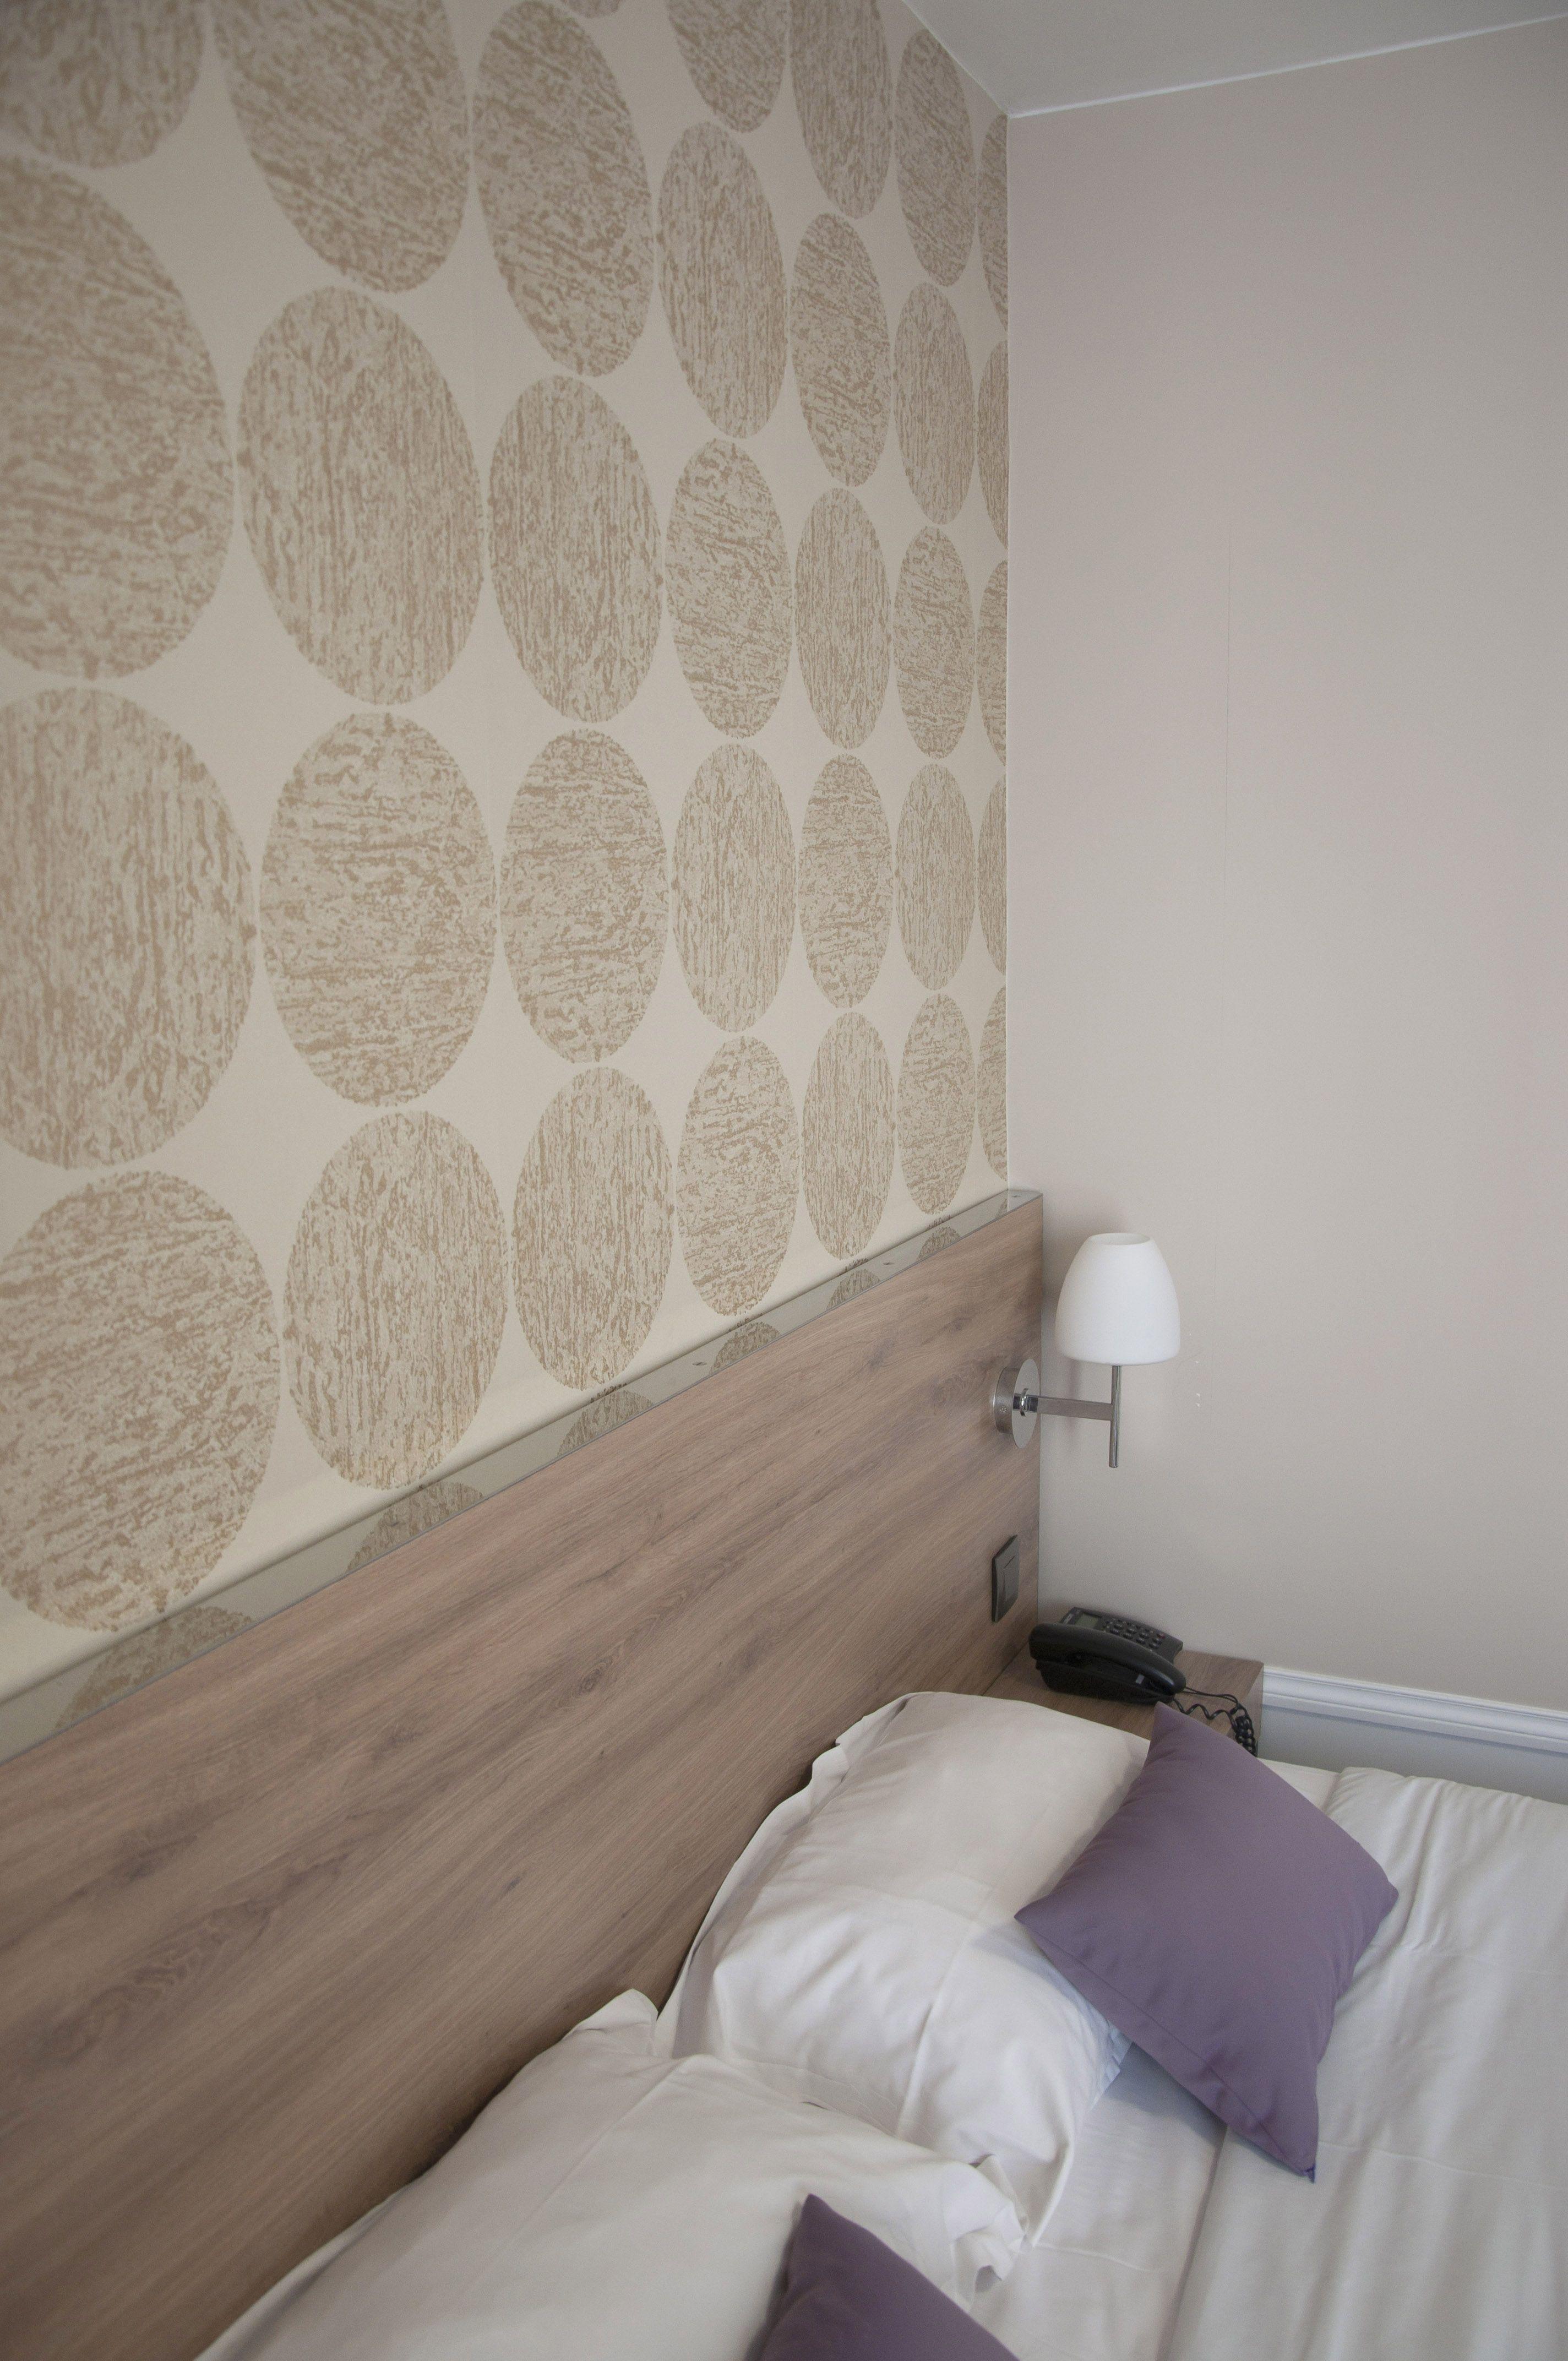 joli papier peint cole son chambre d 39 h tel paris. Black Bedroom Furniture Sets. Home Design Ideas